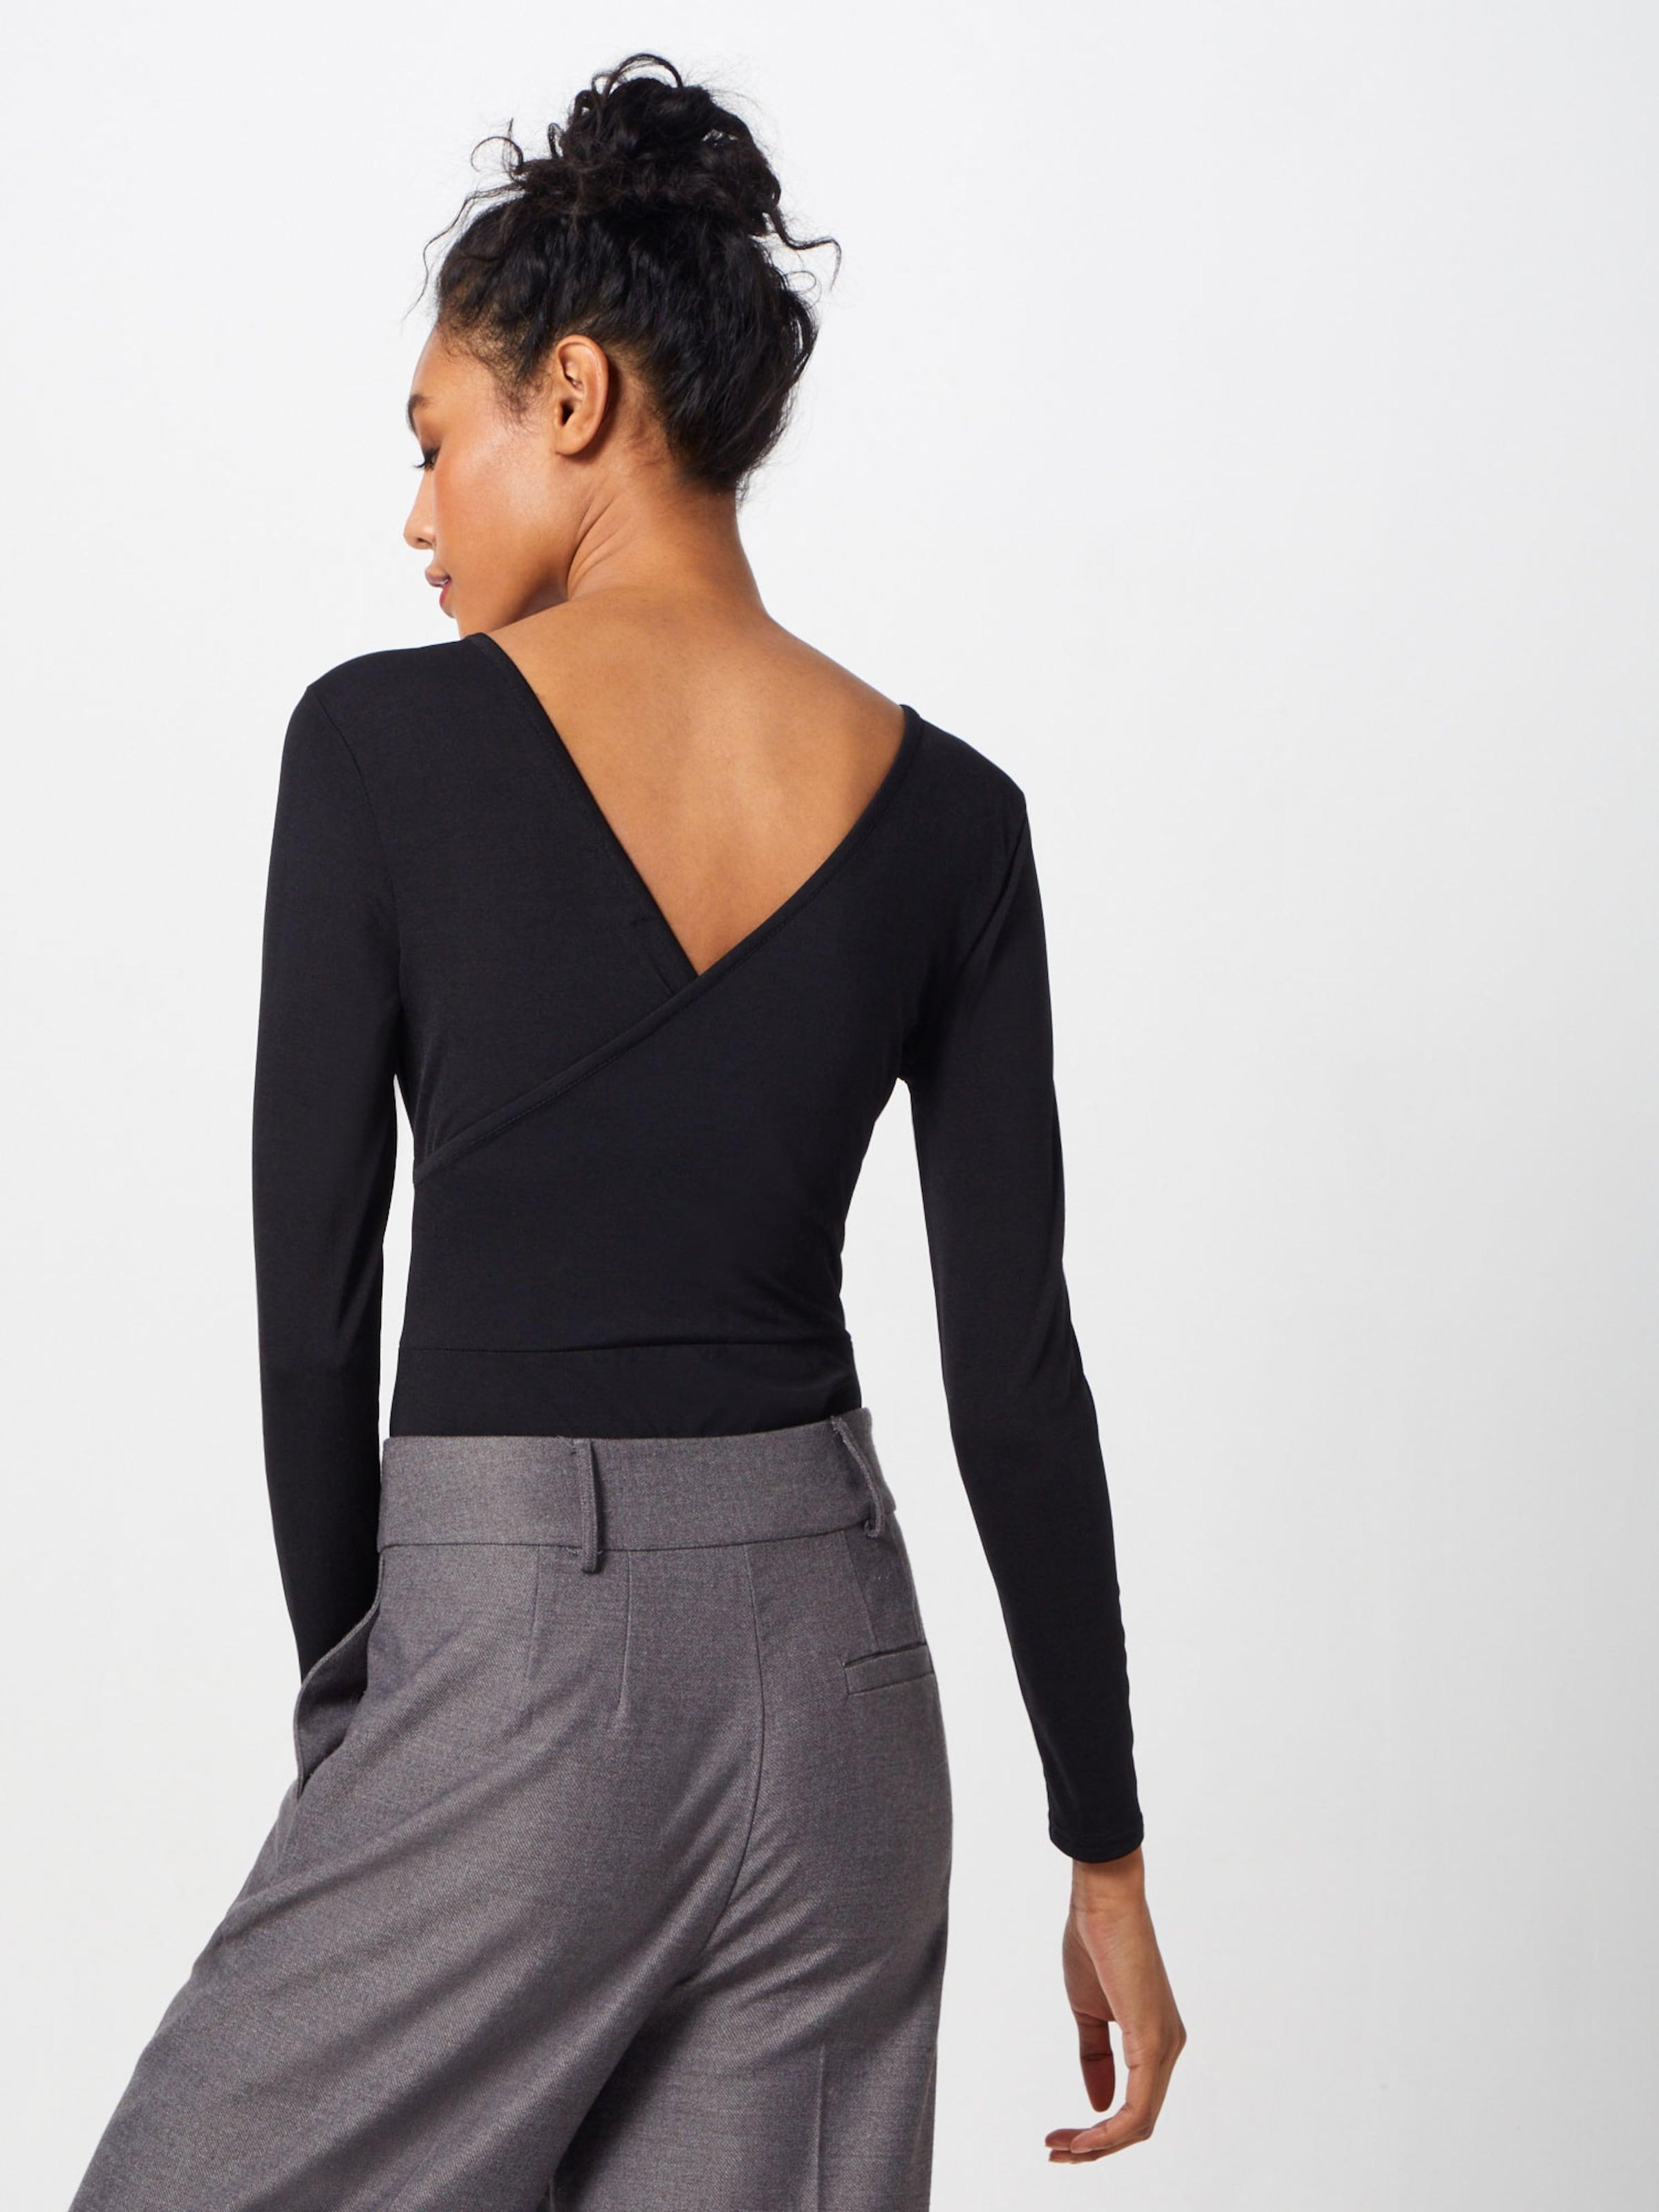 Boohoo In Shirt 'slinky Bodysuit' Wrap Zwart YEH2IeW9Db